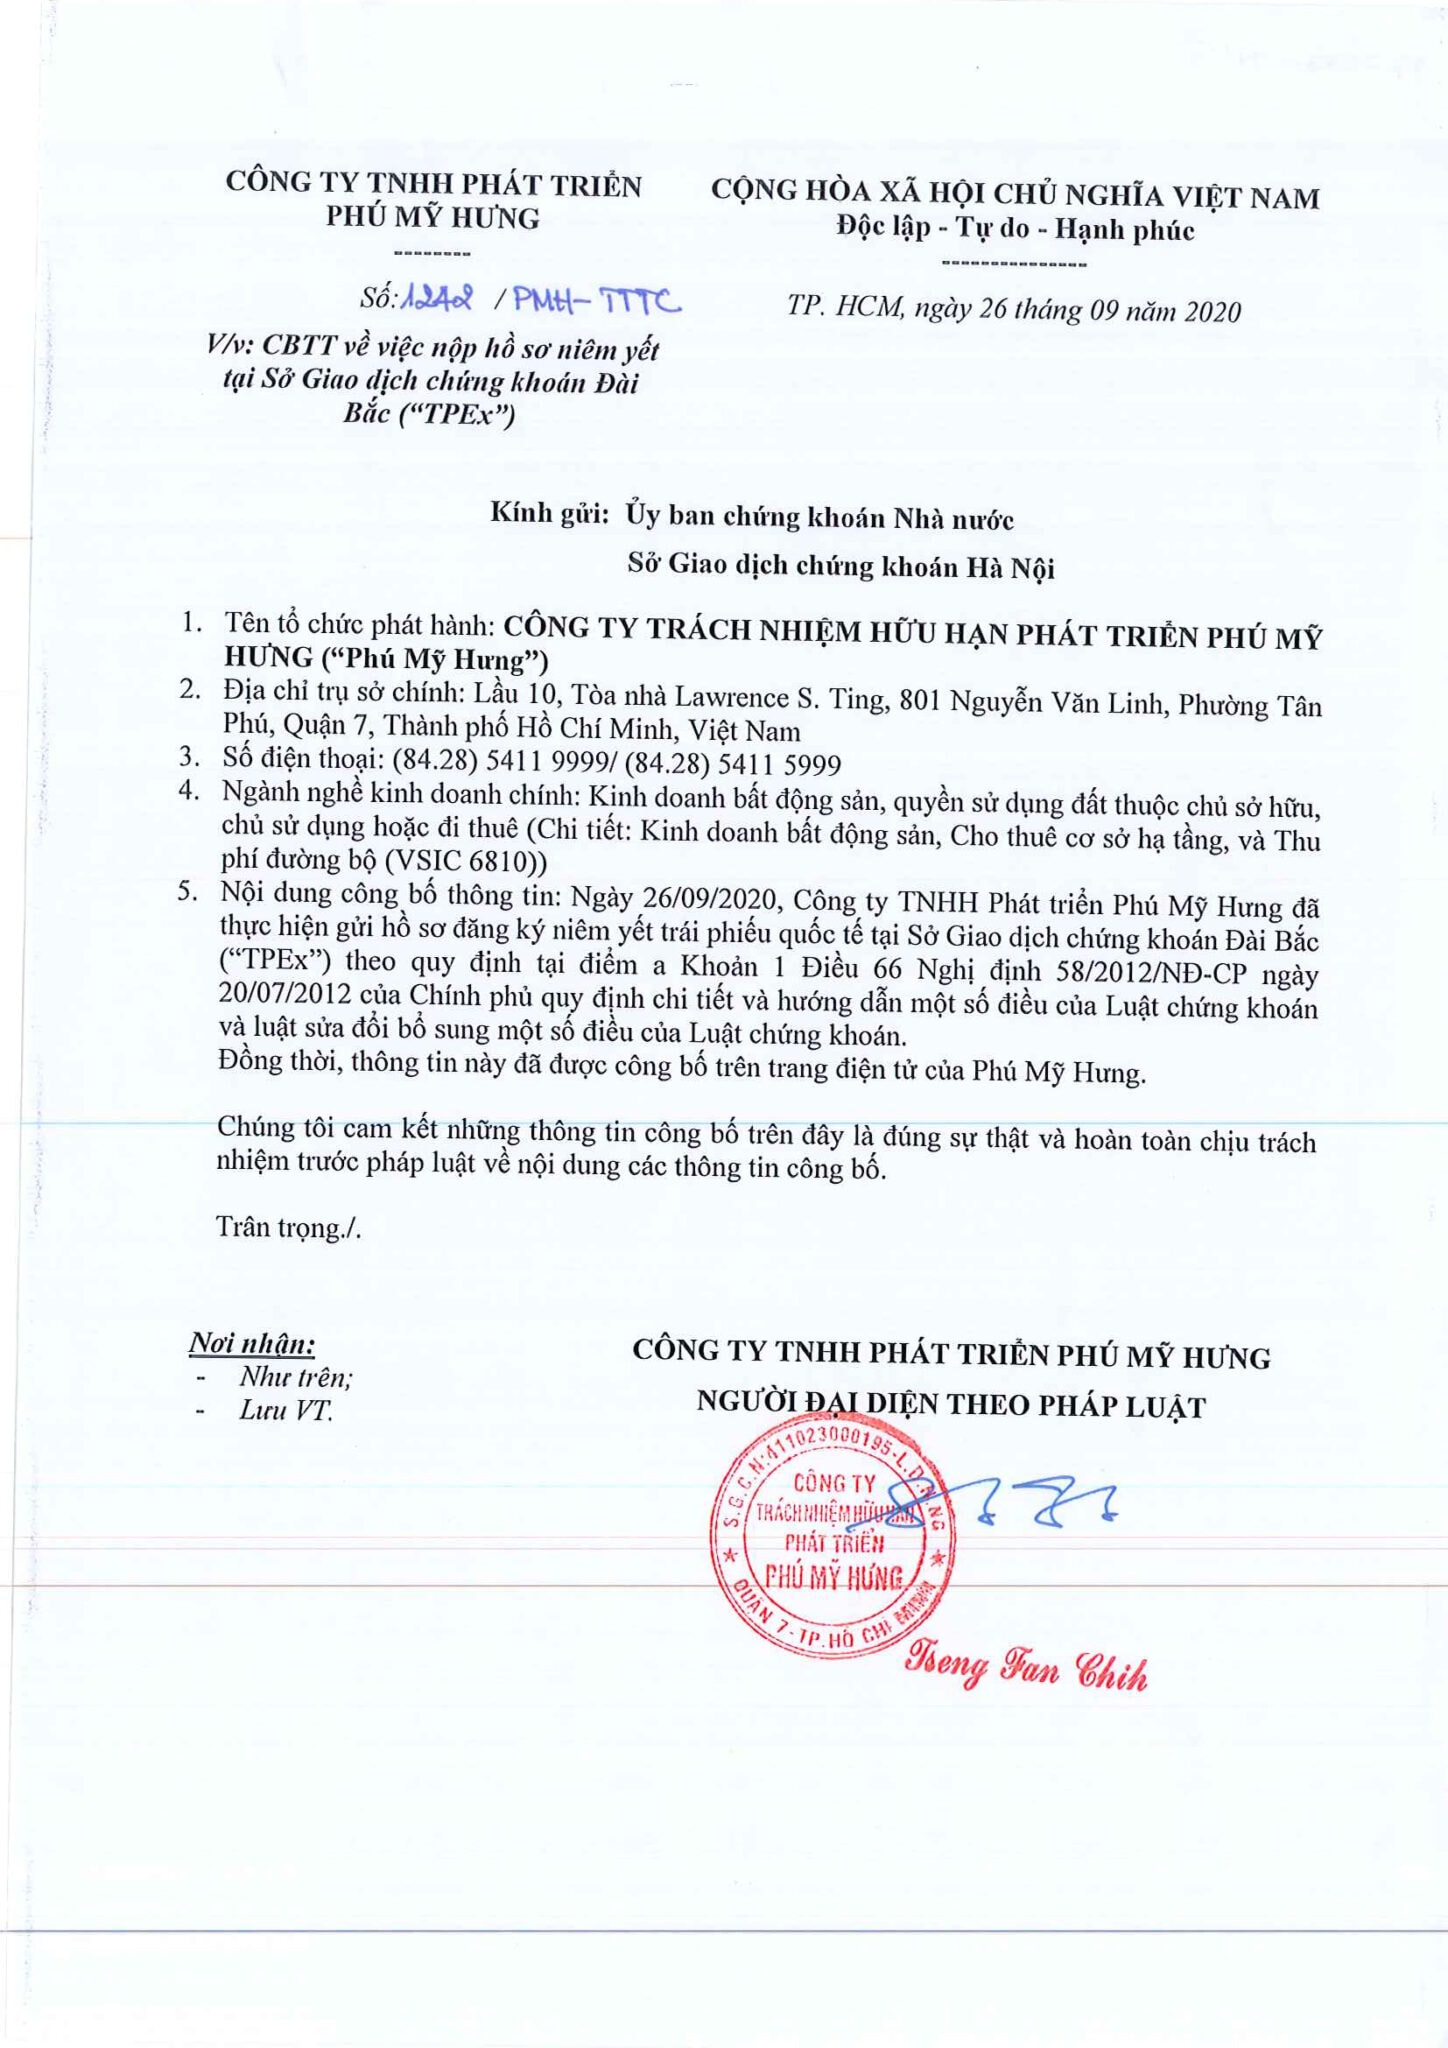 Phú Mỹ Hưng được chấp thuận niêm ước trái phiếu Quốc Tế